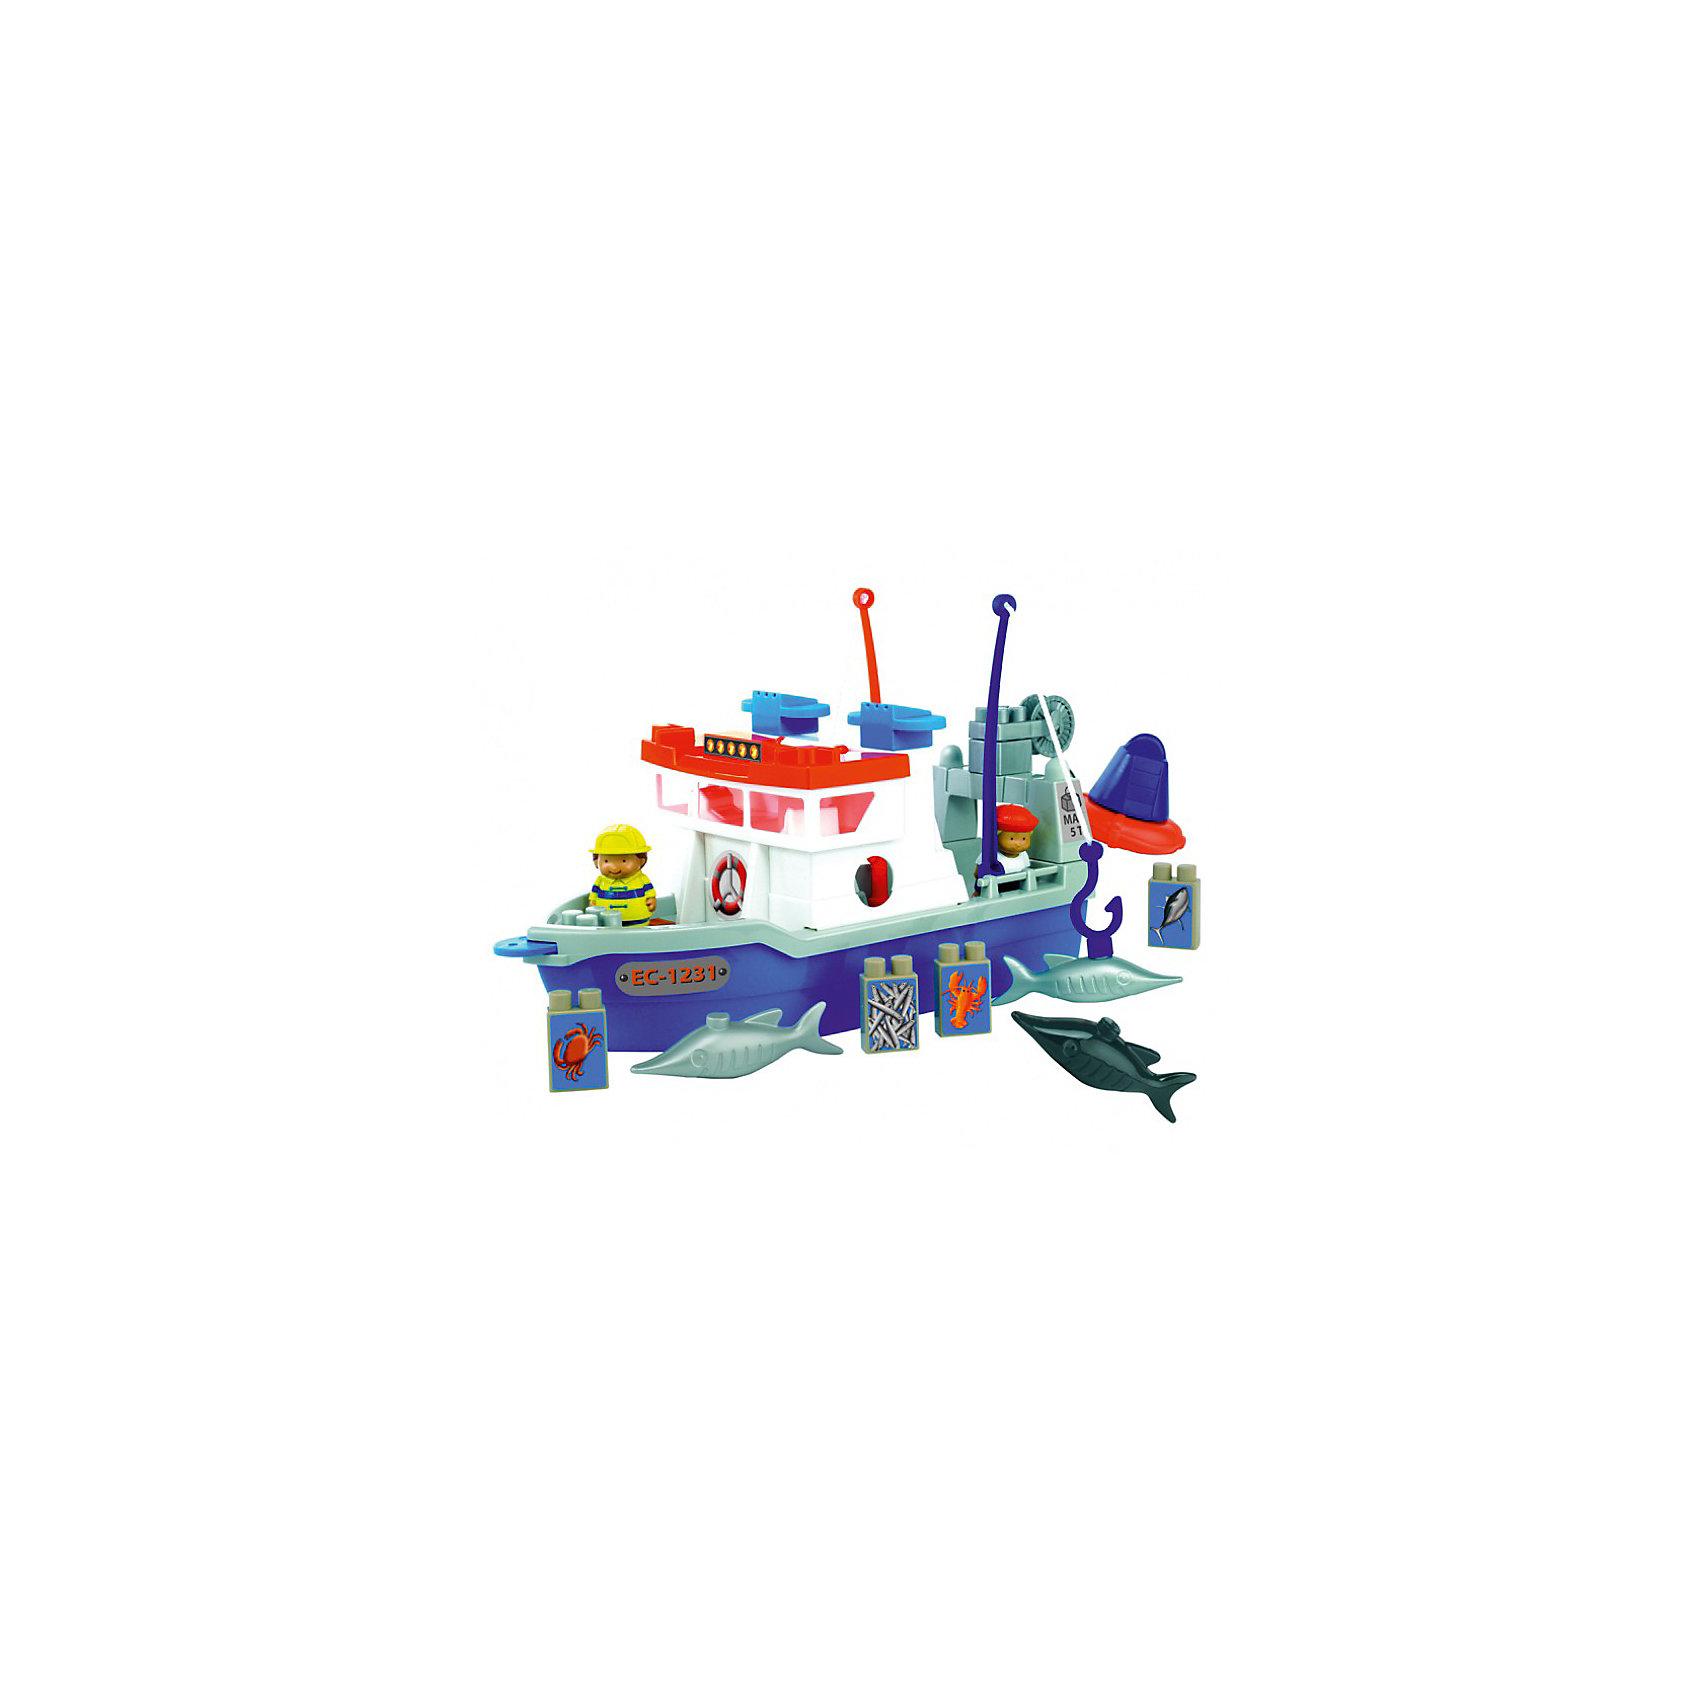 Конструктор Рыболовецкое судно, EcoiffierКонструктор Рыболовецкое судно, Ecoiffier - увлекательный игровой набор, из деталей которого можно собрать настоящую рыболовную шхуну со всеми необходимыми приспособлениями. Яркие и крупные детали безопасны для ребенка и очень удобны для детских ручек, поэтому набор идеально подходит для самых маленьких детишек.<br><br>На палубе корабля установлены тросы с крючками на концах для ловли рыбы, на корме имеется лебедка для подъема улова. В комплекте забавные аксессуары, которые сделают игру еще интереснее: кубики с изображениями морских обитателей, фигурки рыб и рыбаков. Игрушка развивает у ребенка мелкую моторику рук, логическое мышление и творческую фантазию.<br><br>Дополнительная информация:<br><br>- В комплекте 30 предметов: детали для сборки корабля, две фигурки рыбаков, 3 рыбки, два троса с крючками, 4 кубика с наклейками, изображающие морских животных. <br>- Материал: пластик. <br>- Размер игрушки: 42 х 17,5 х 23 см.<br>- Размер упаковки: 44 х 30 х 13 см.<br>- Вес: 0,845 кг. <br><br>Набор Рыболовецкое судно, Ecoiffier можно купить в нашем интернет-магазине.<br><br>Ширина мм: 430<br>Глубина мм: 120<br>Высота мм: 300<br>Вес г: 845<br>Возраст от месяцев: 18<br>Возраст до месяцев: 96<br>Пол: Мужской<br>Возраст: Детский<br>SKU: 3709515